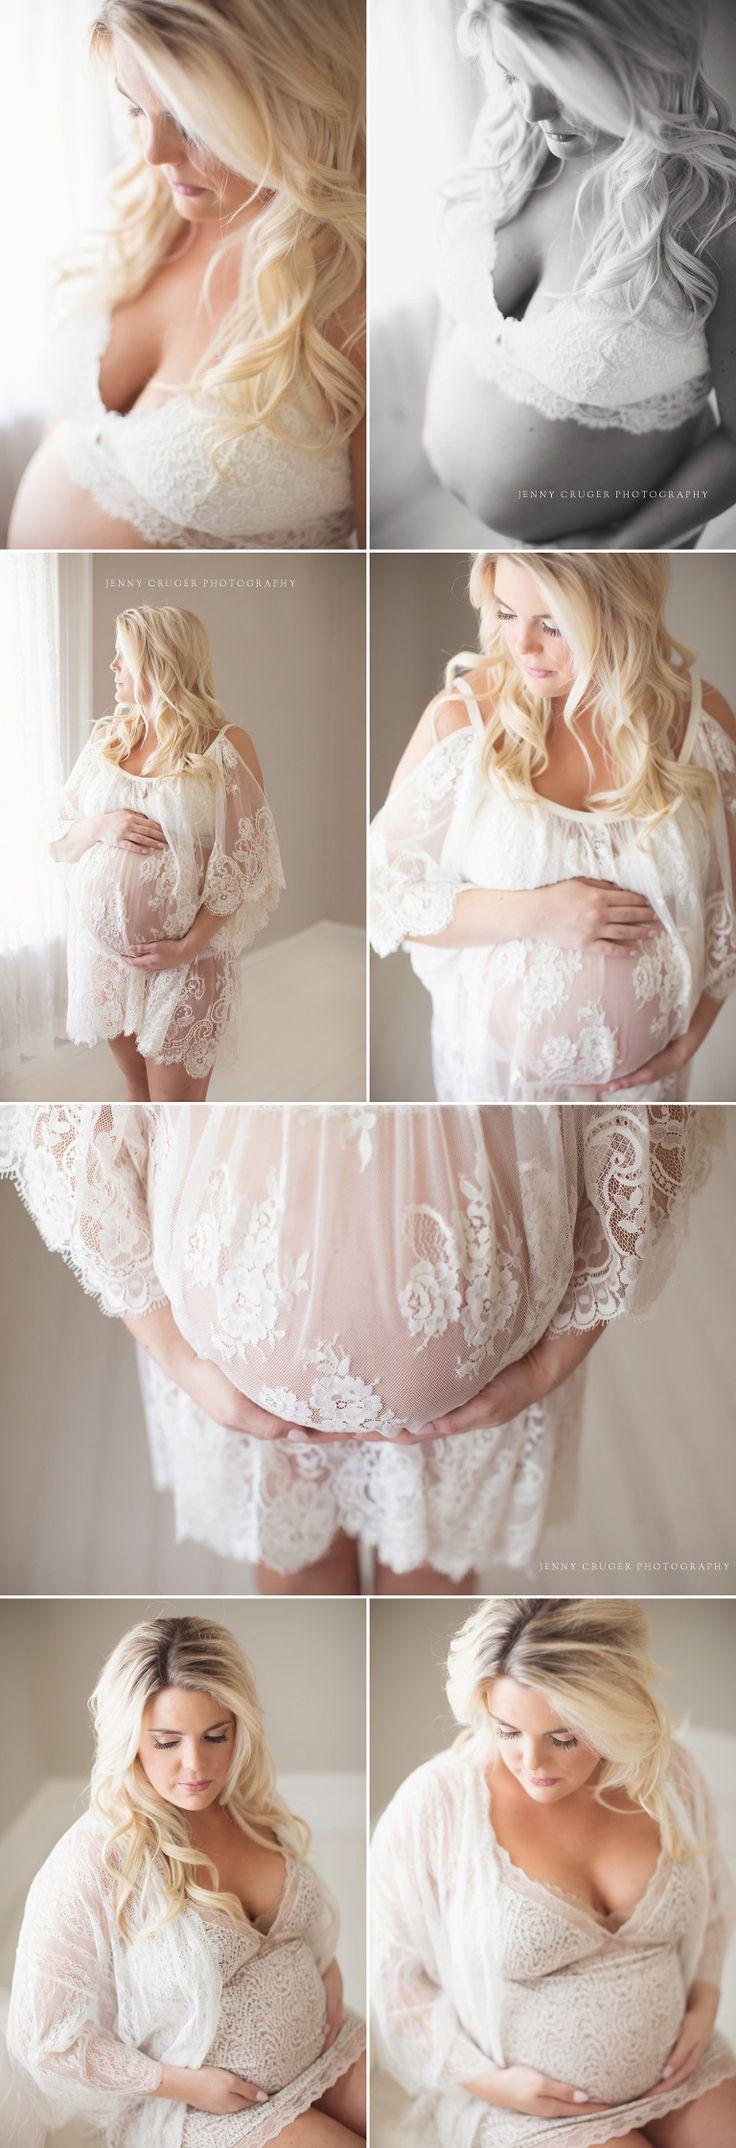 Die Fotografin für Mutterschaft in Nashville, Jenny Cruger Photography   – Fotoshooting